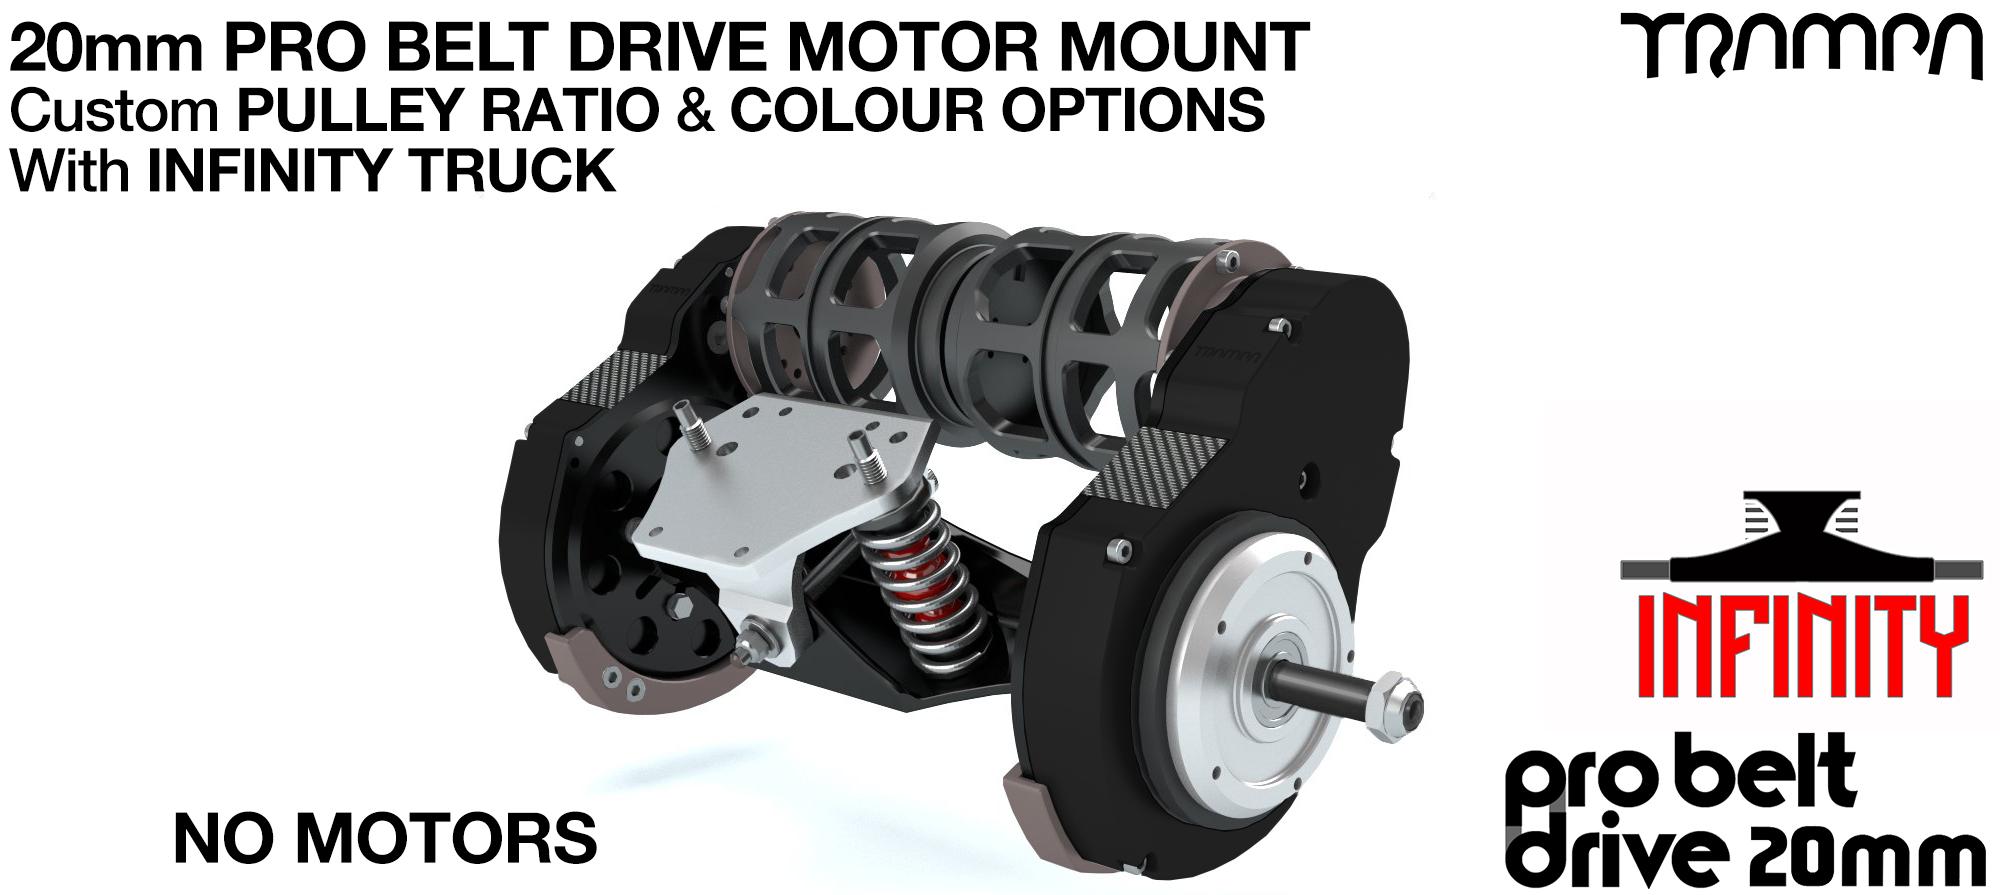 TRAMPA's 20mm  PRO Belt Drive TWIN Motor Mountainboard & Precision INFINITY TRUCK - NO MOTORS